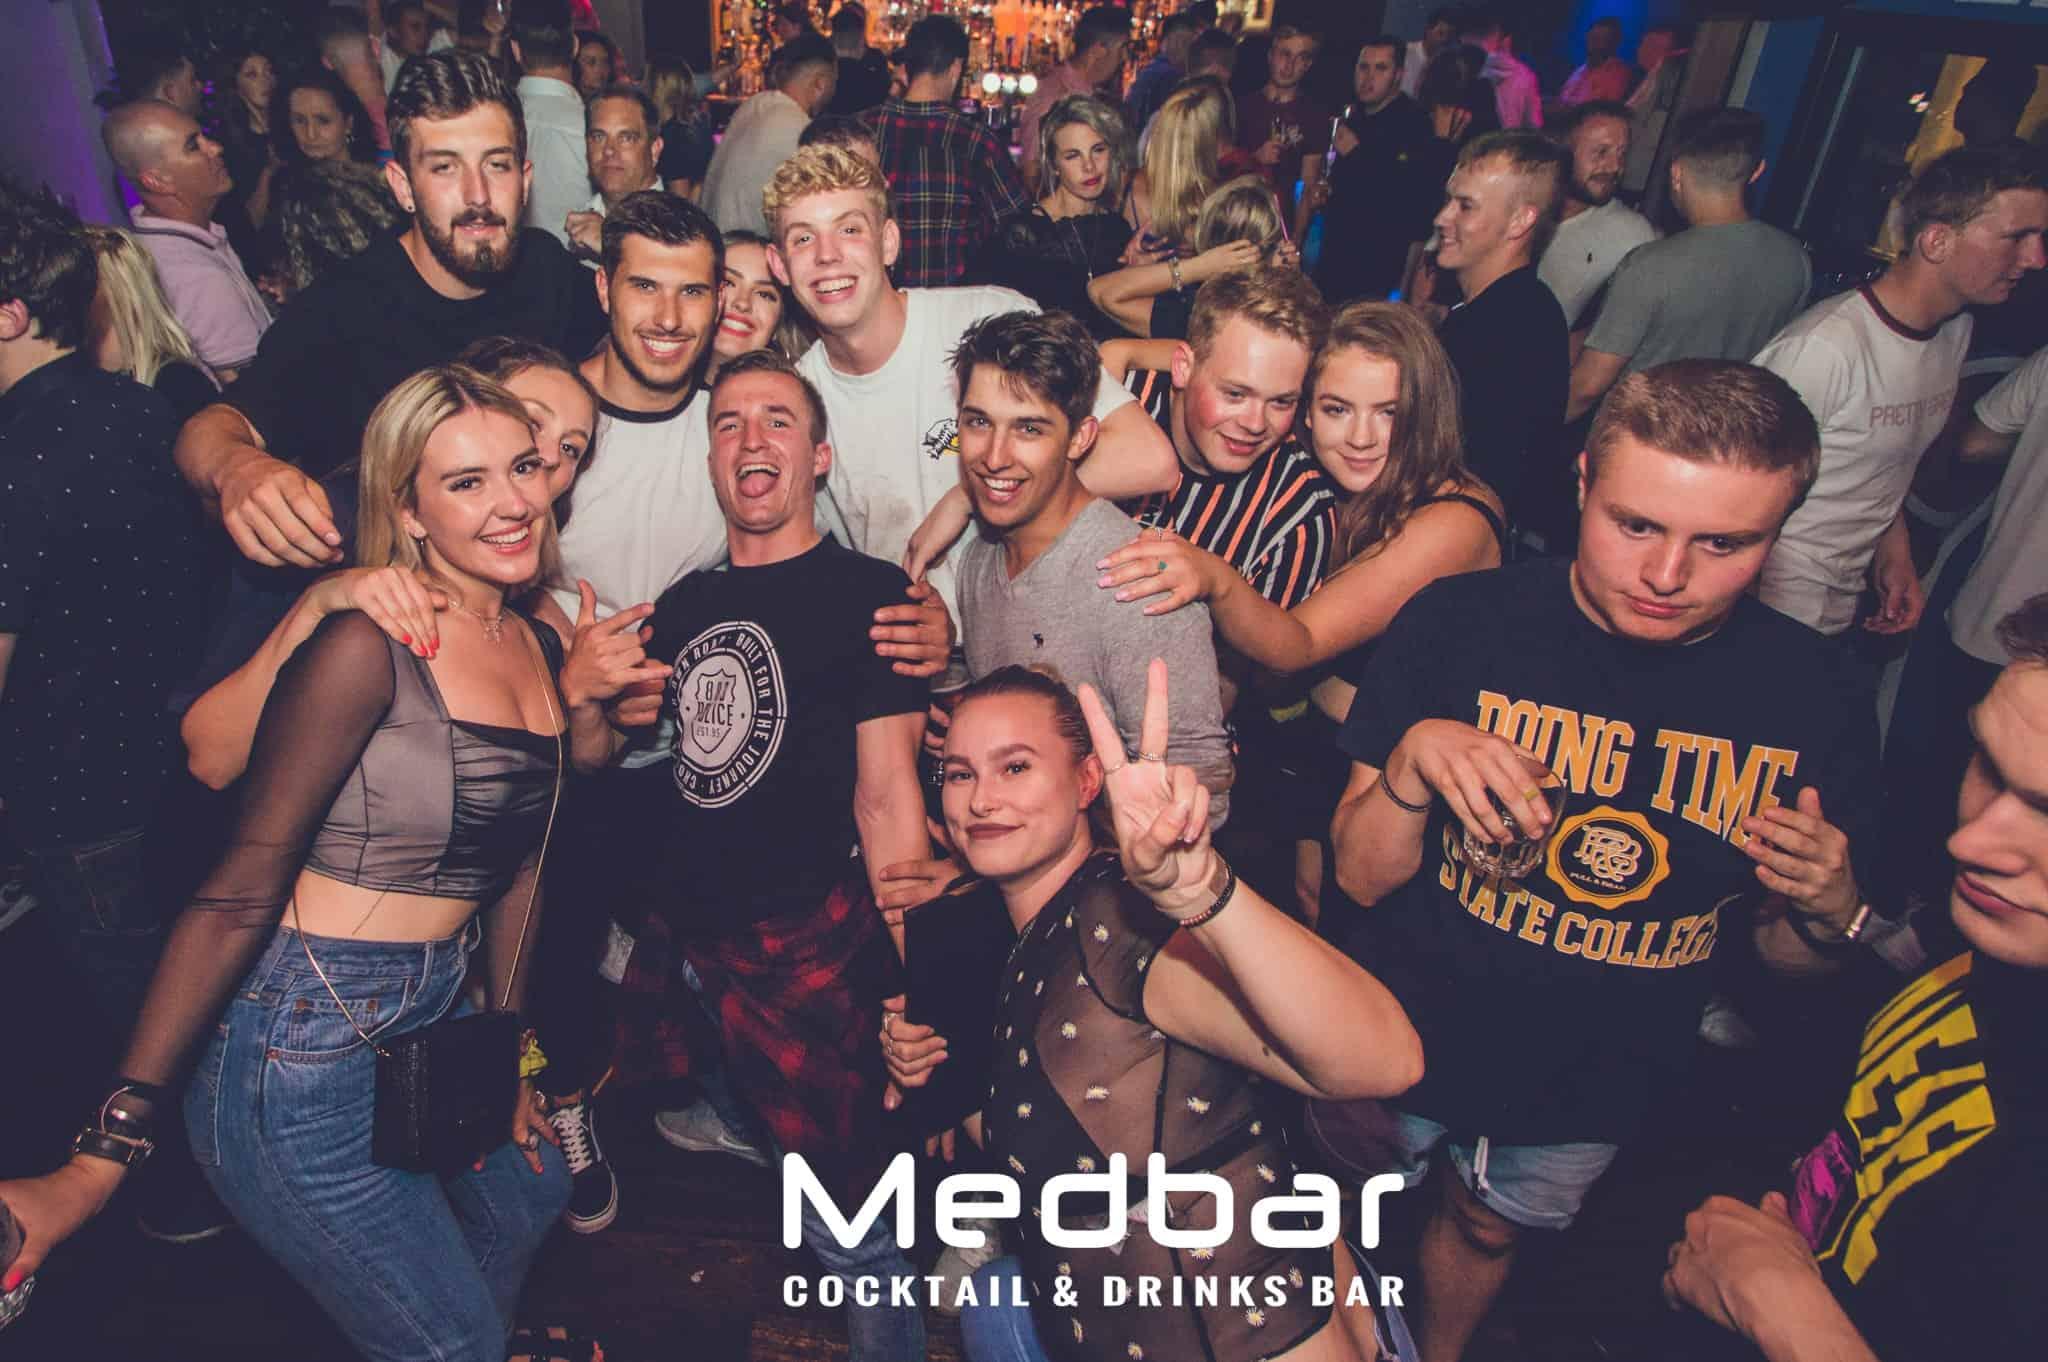 Group of people dancing at nightclub